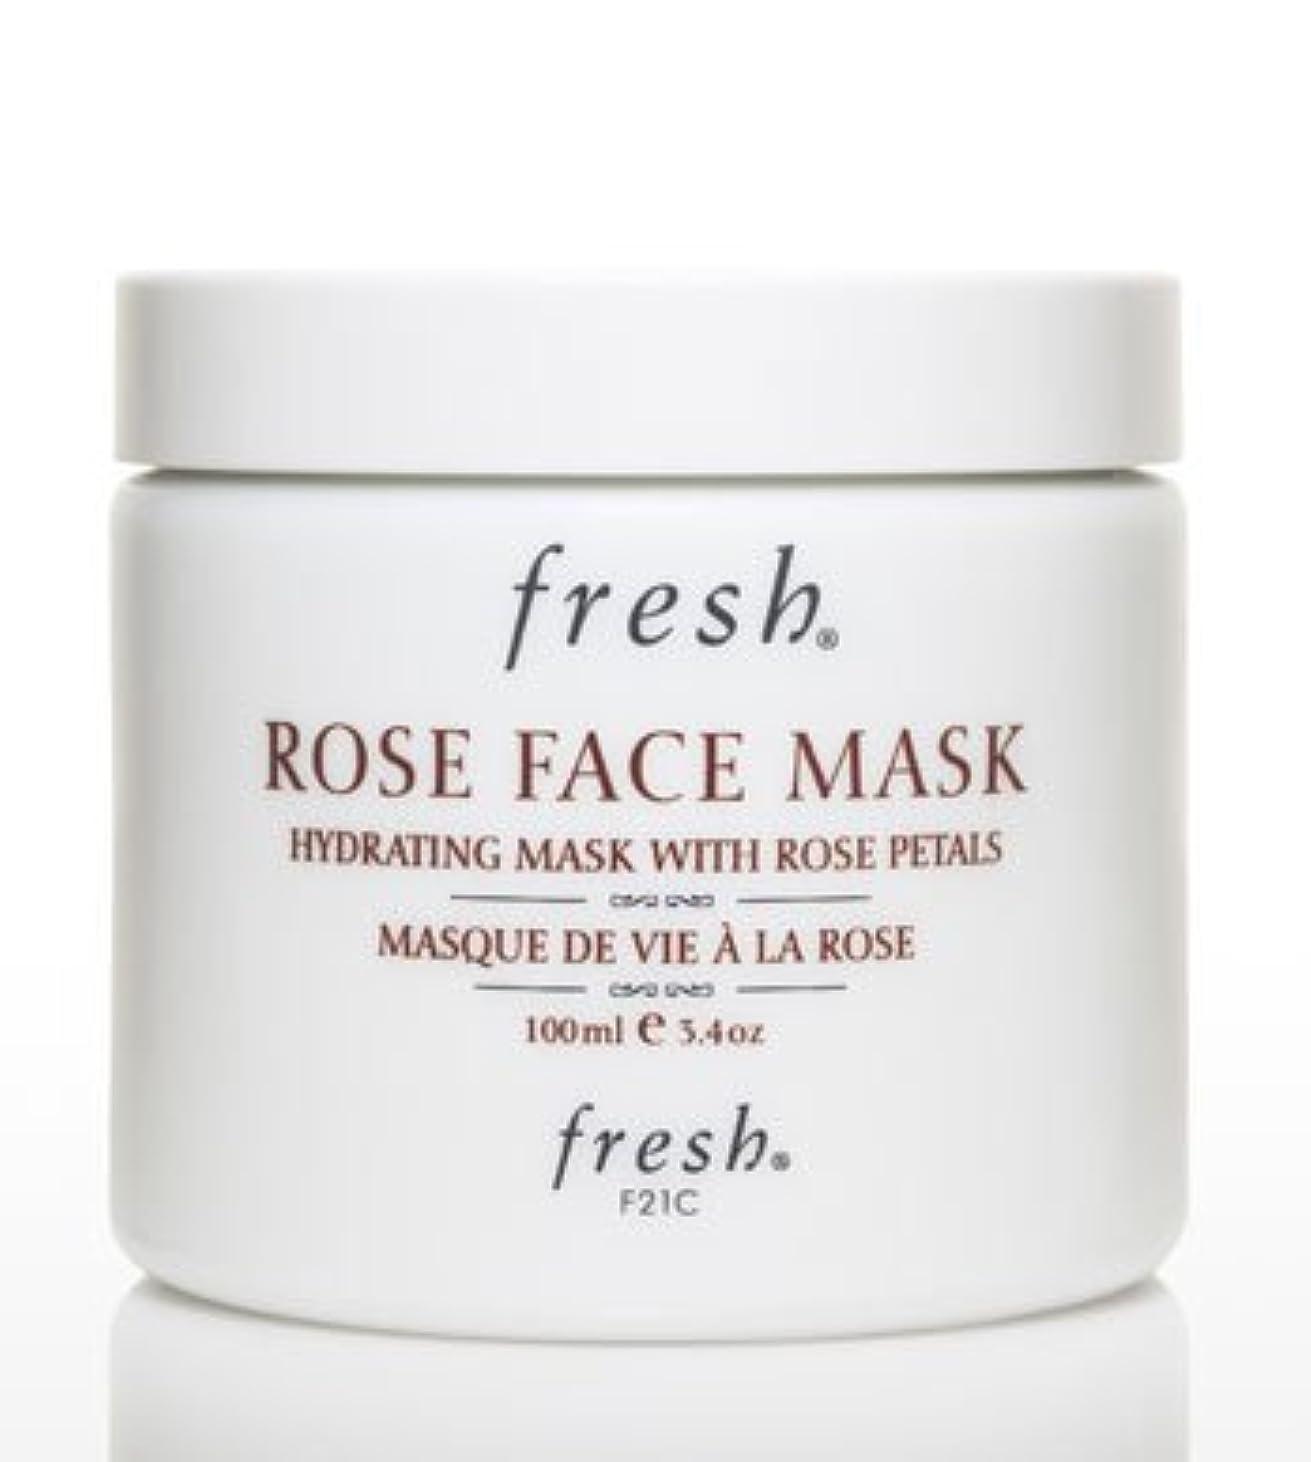 グローブコック叫び声Fresh ROSE FACE MASK (フレッシュ ローズフェイスマスク) 3.4 oz (100g) by Fresh for Women